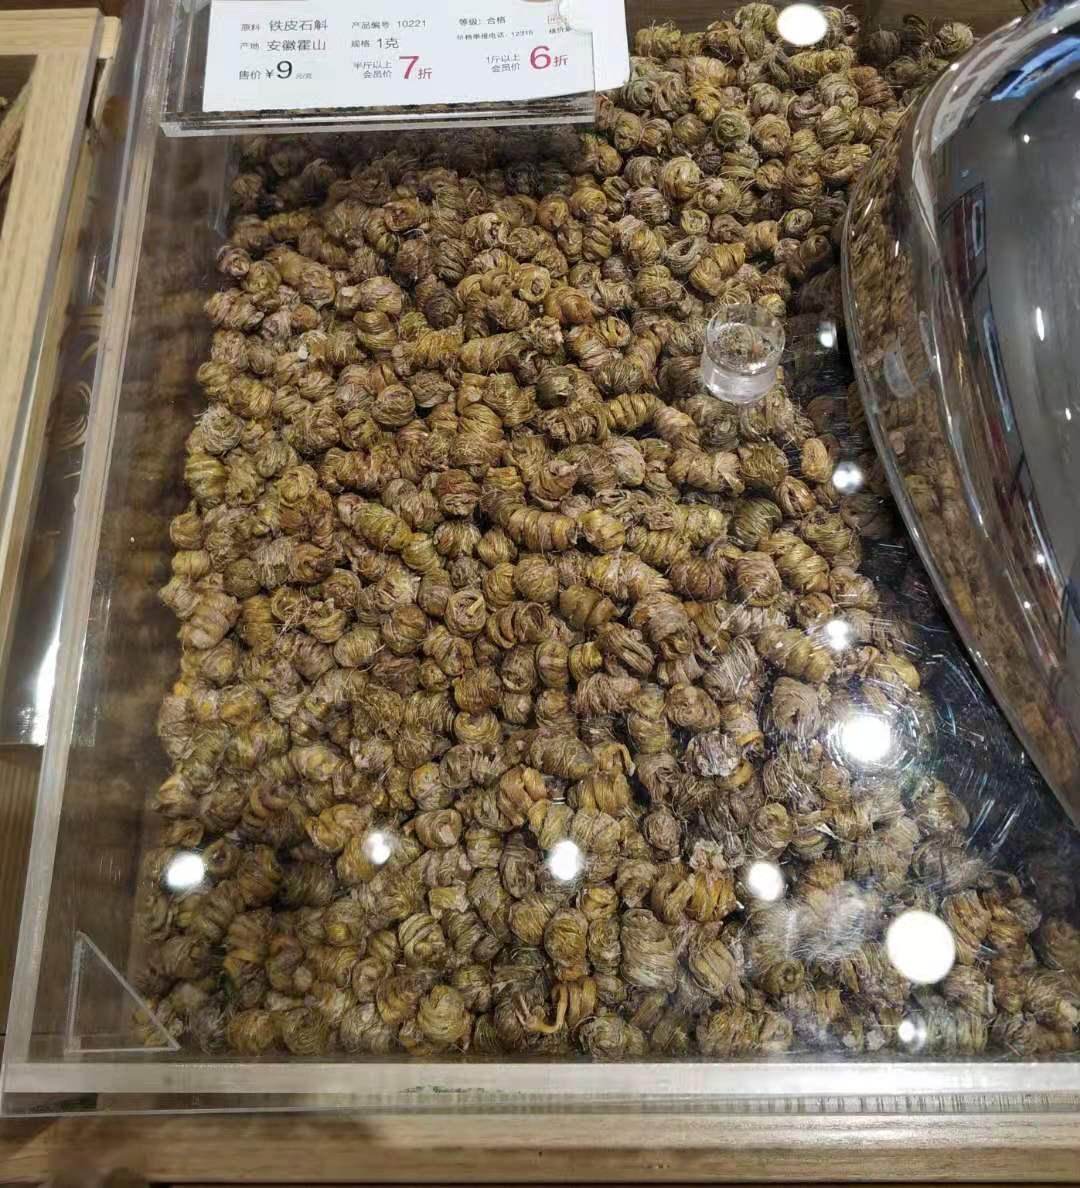 如今市面上的霍山石斛都不敢买了!这样的铁皮石斛会误导多少人。